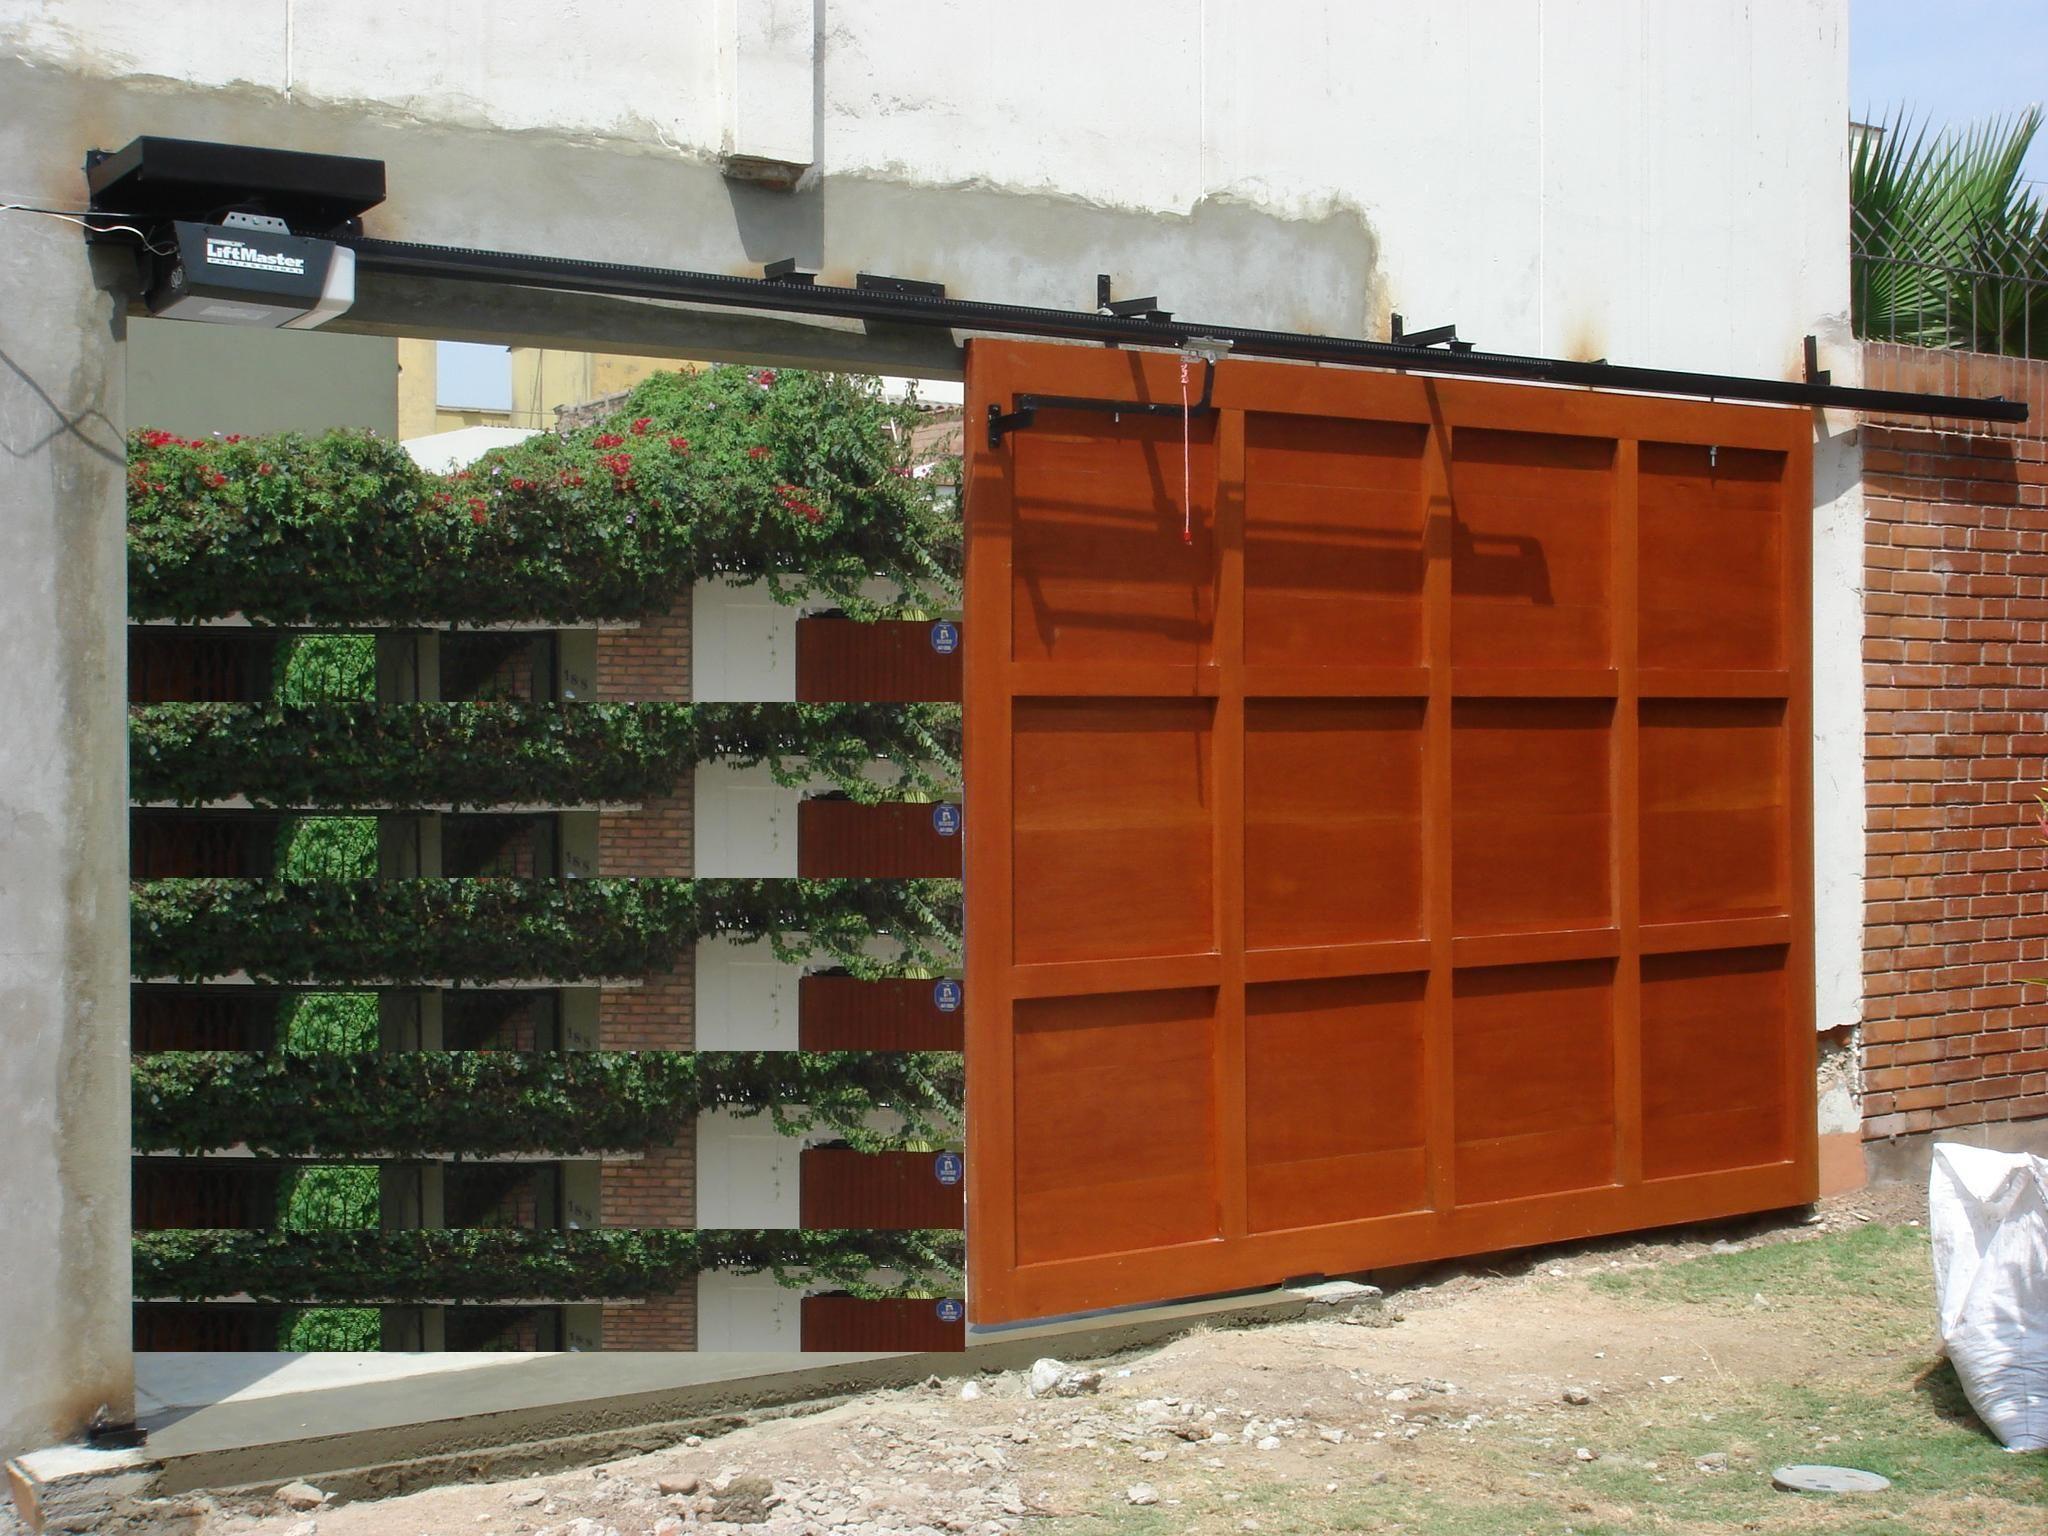 Puertas de garaje baratas de segunda mano beautiful - Puertas muy baratas ...